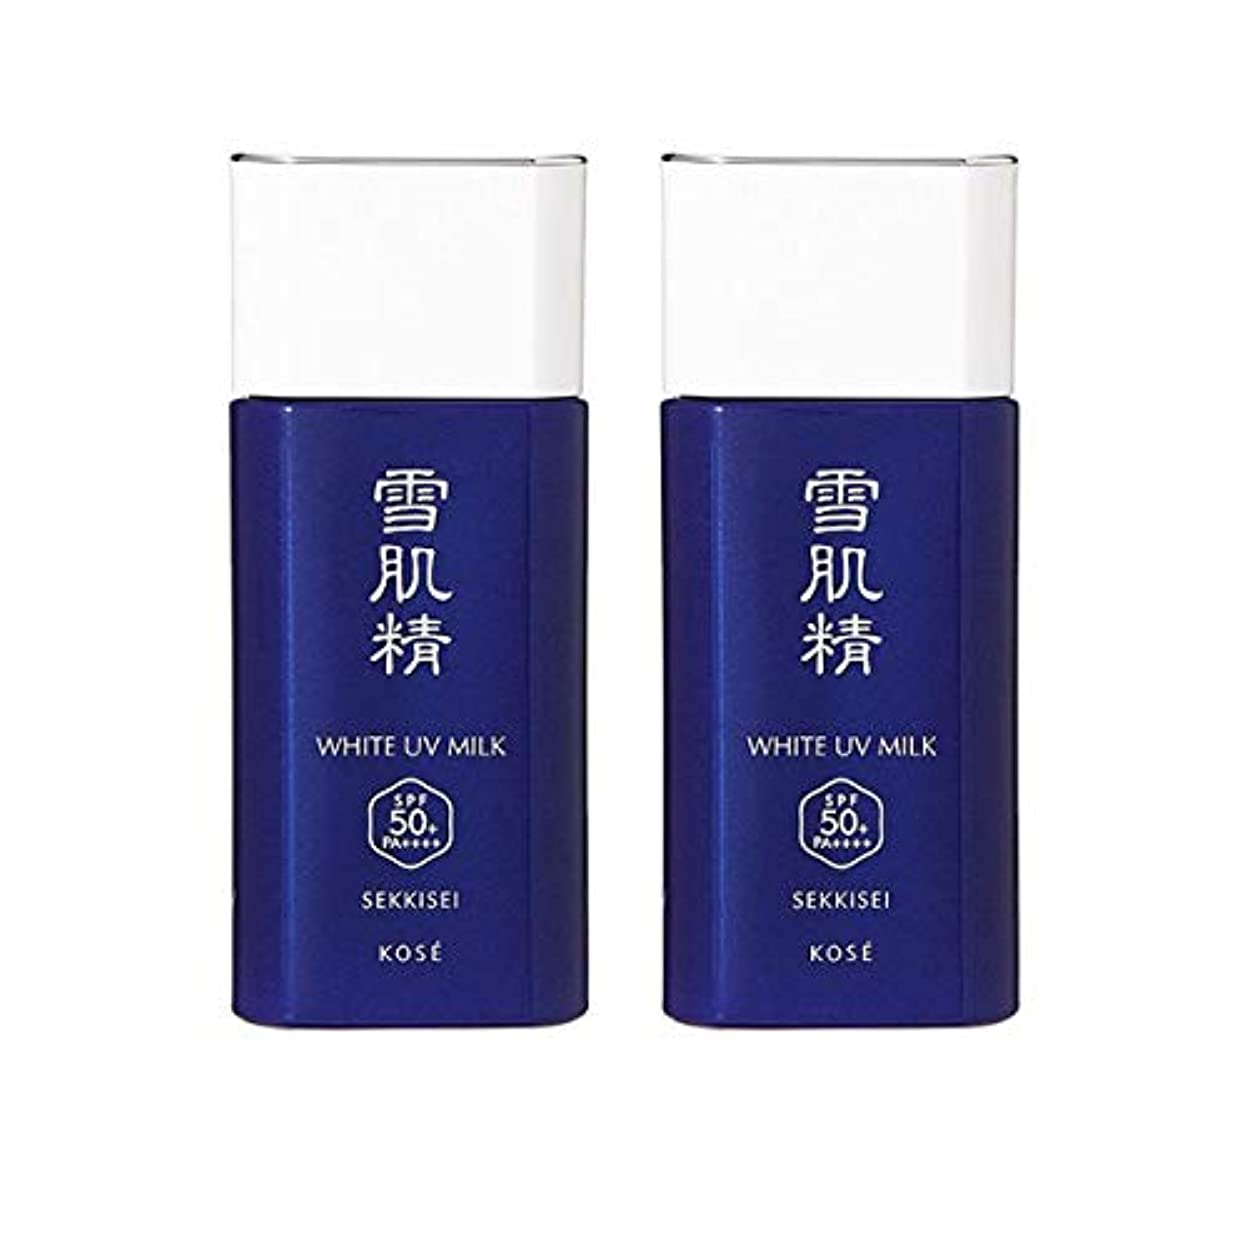 家高価なデコレーション【セット】コーセー 雪肌精 ホワイト UV ミルク SPF50+/PA++++ 60g 2個セット